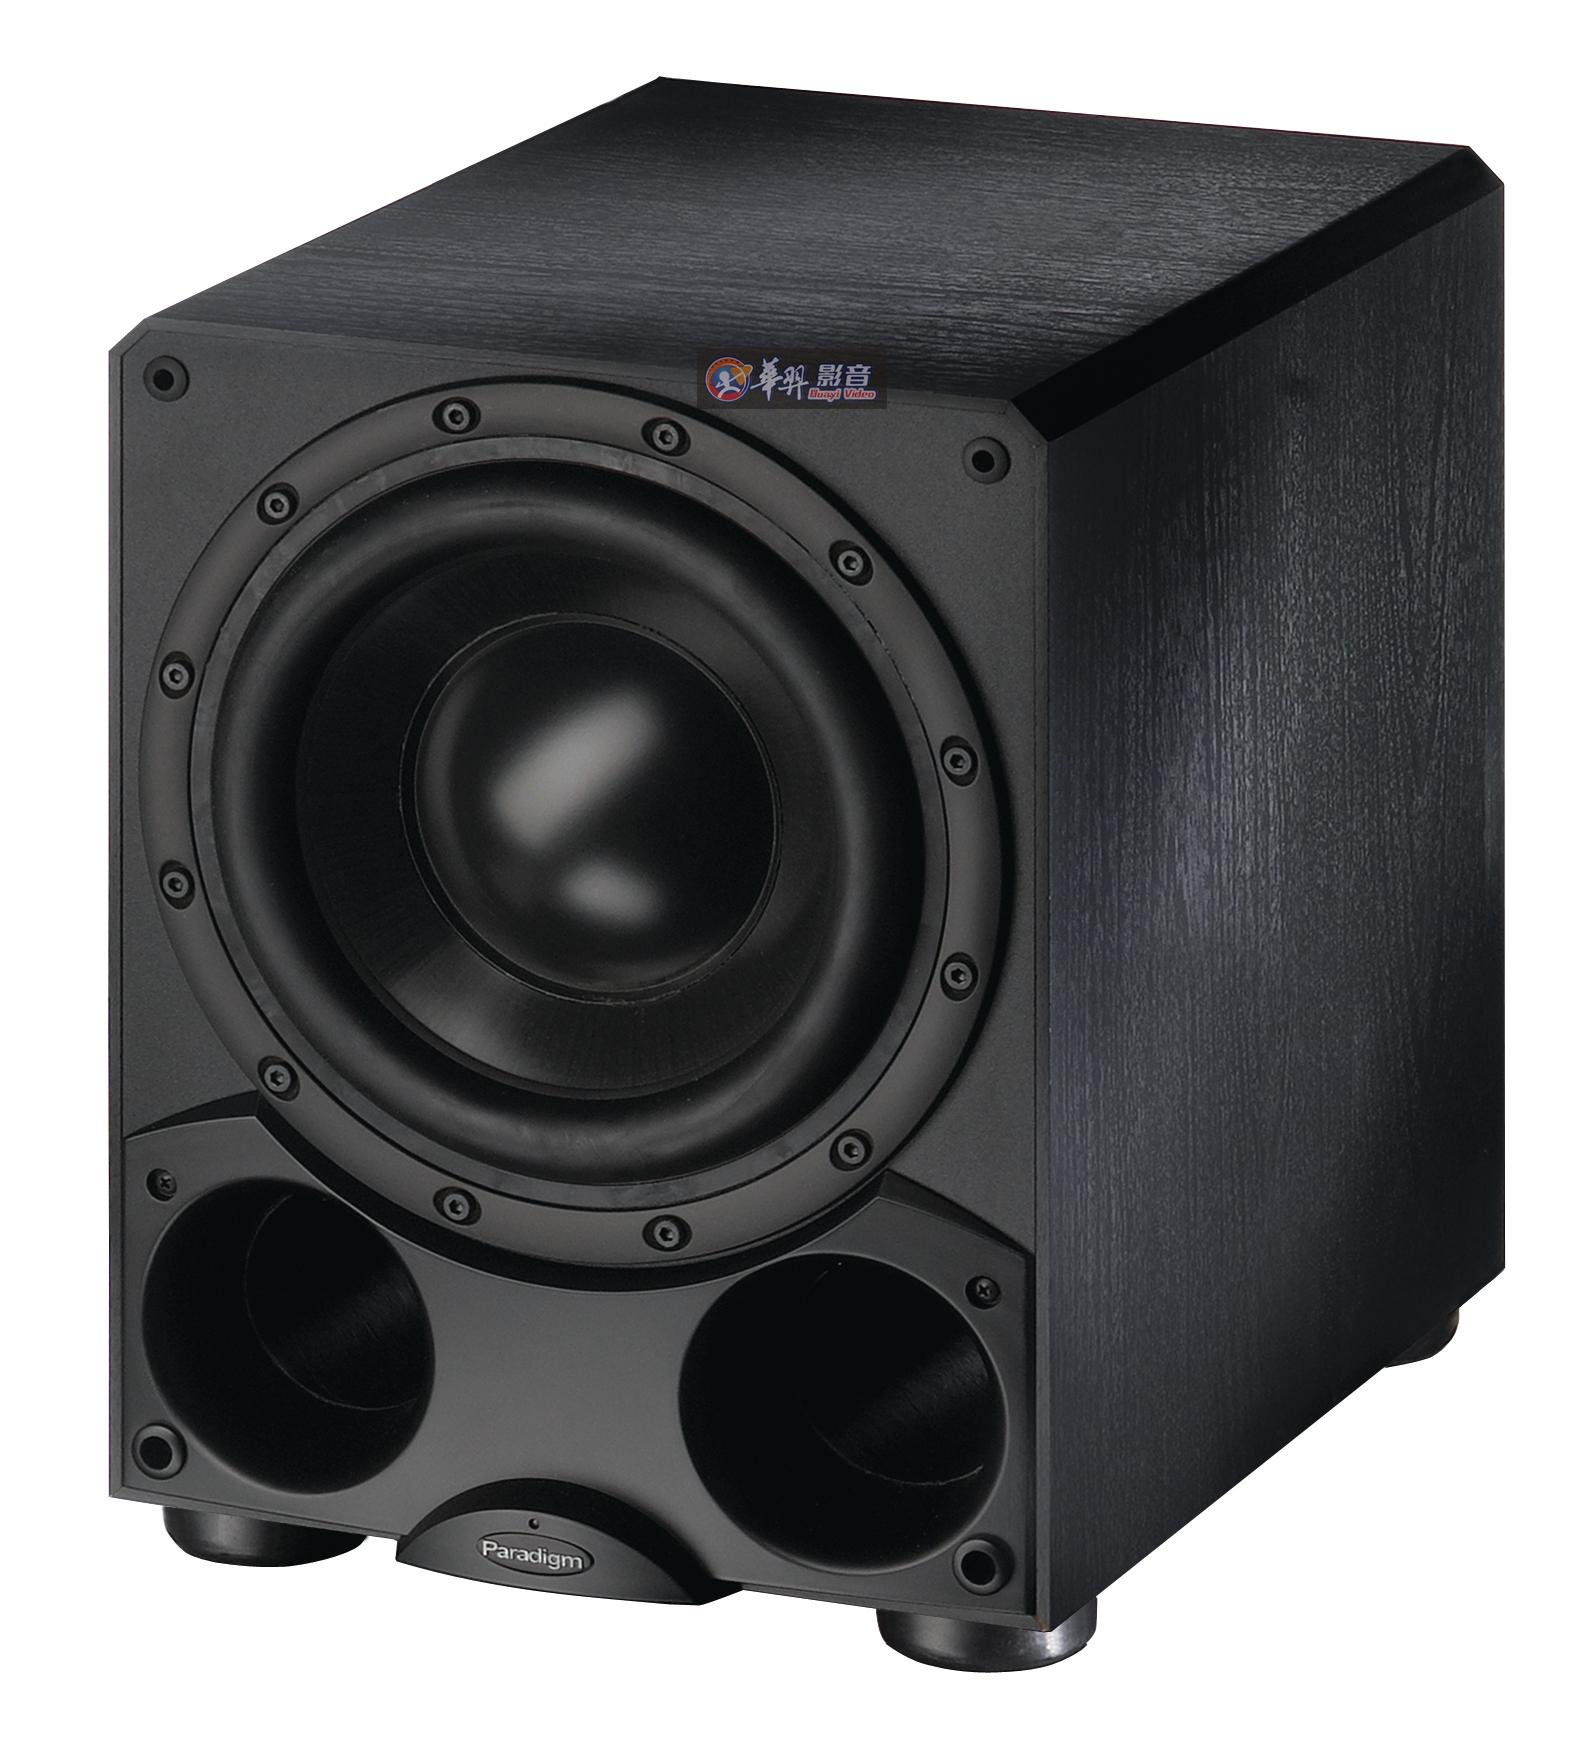 日照高品质影音器材批发、进口音响、音箱代理商